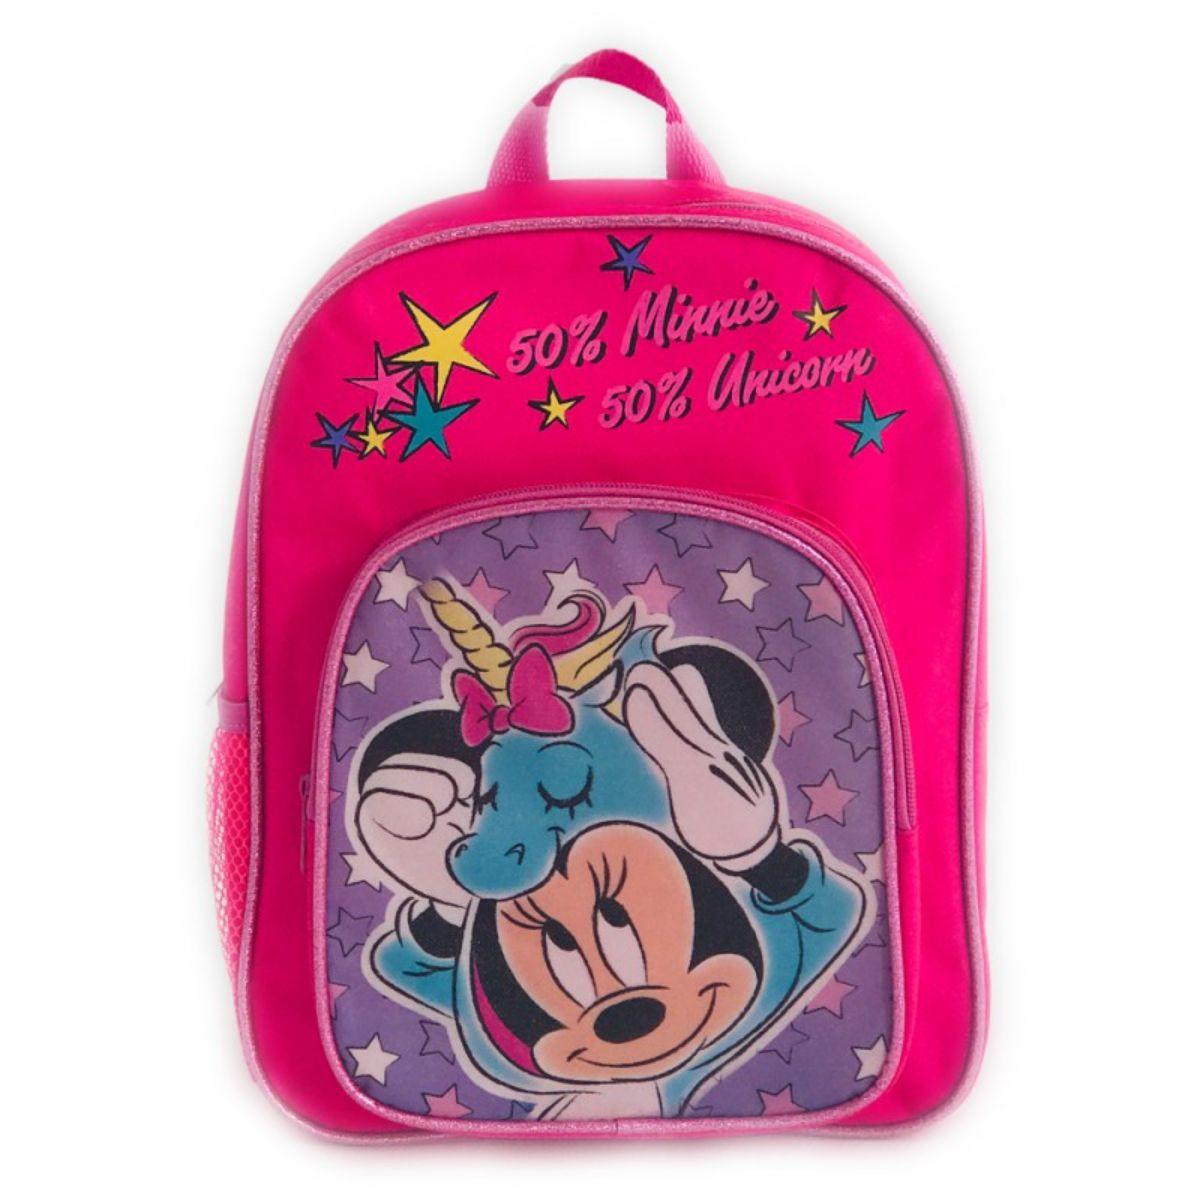 Ghiozdan mini Minnie Mouse 2 compartimente